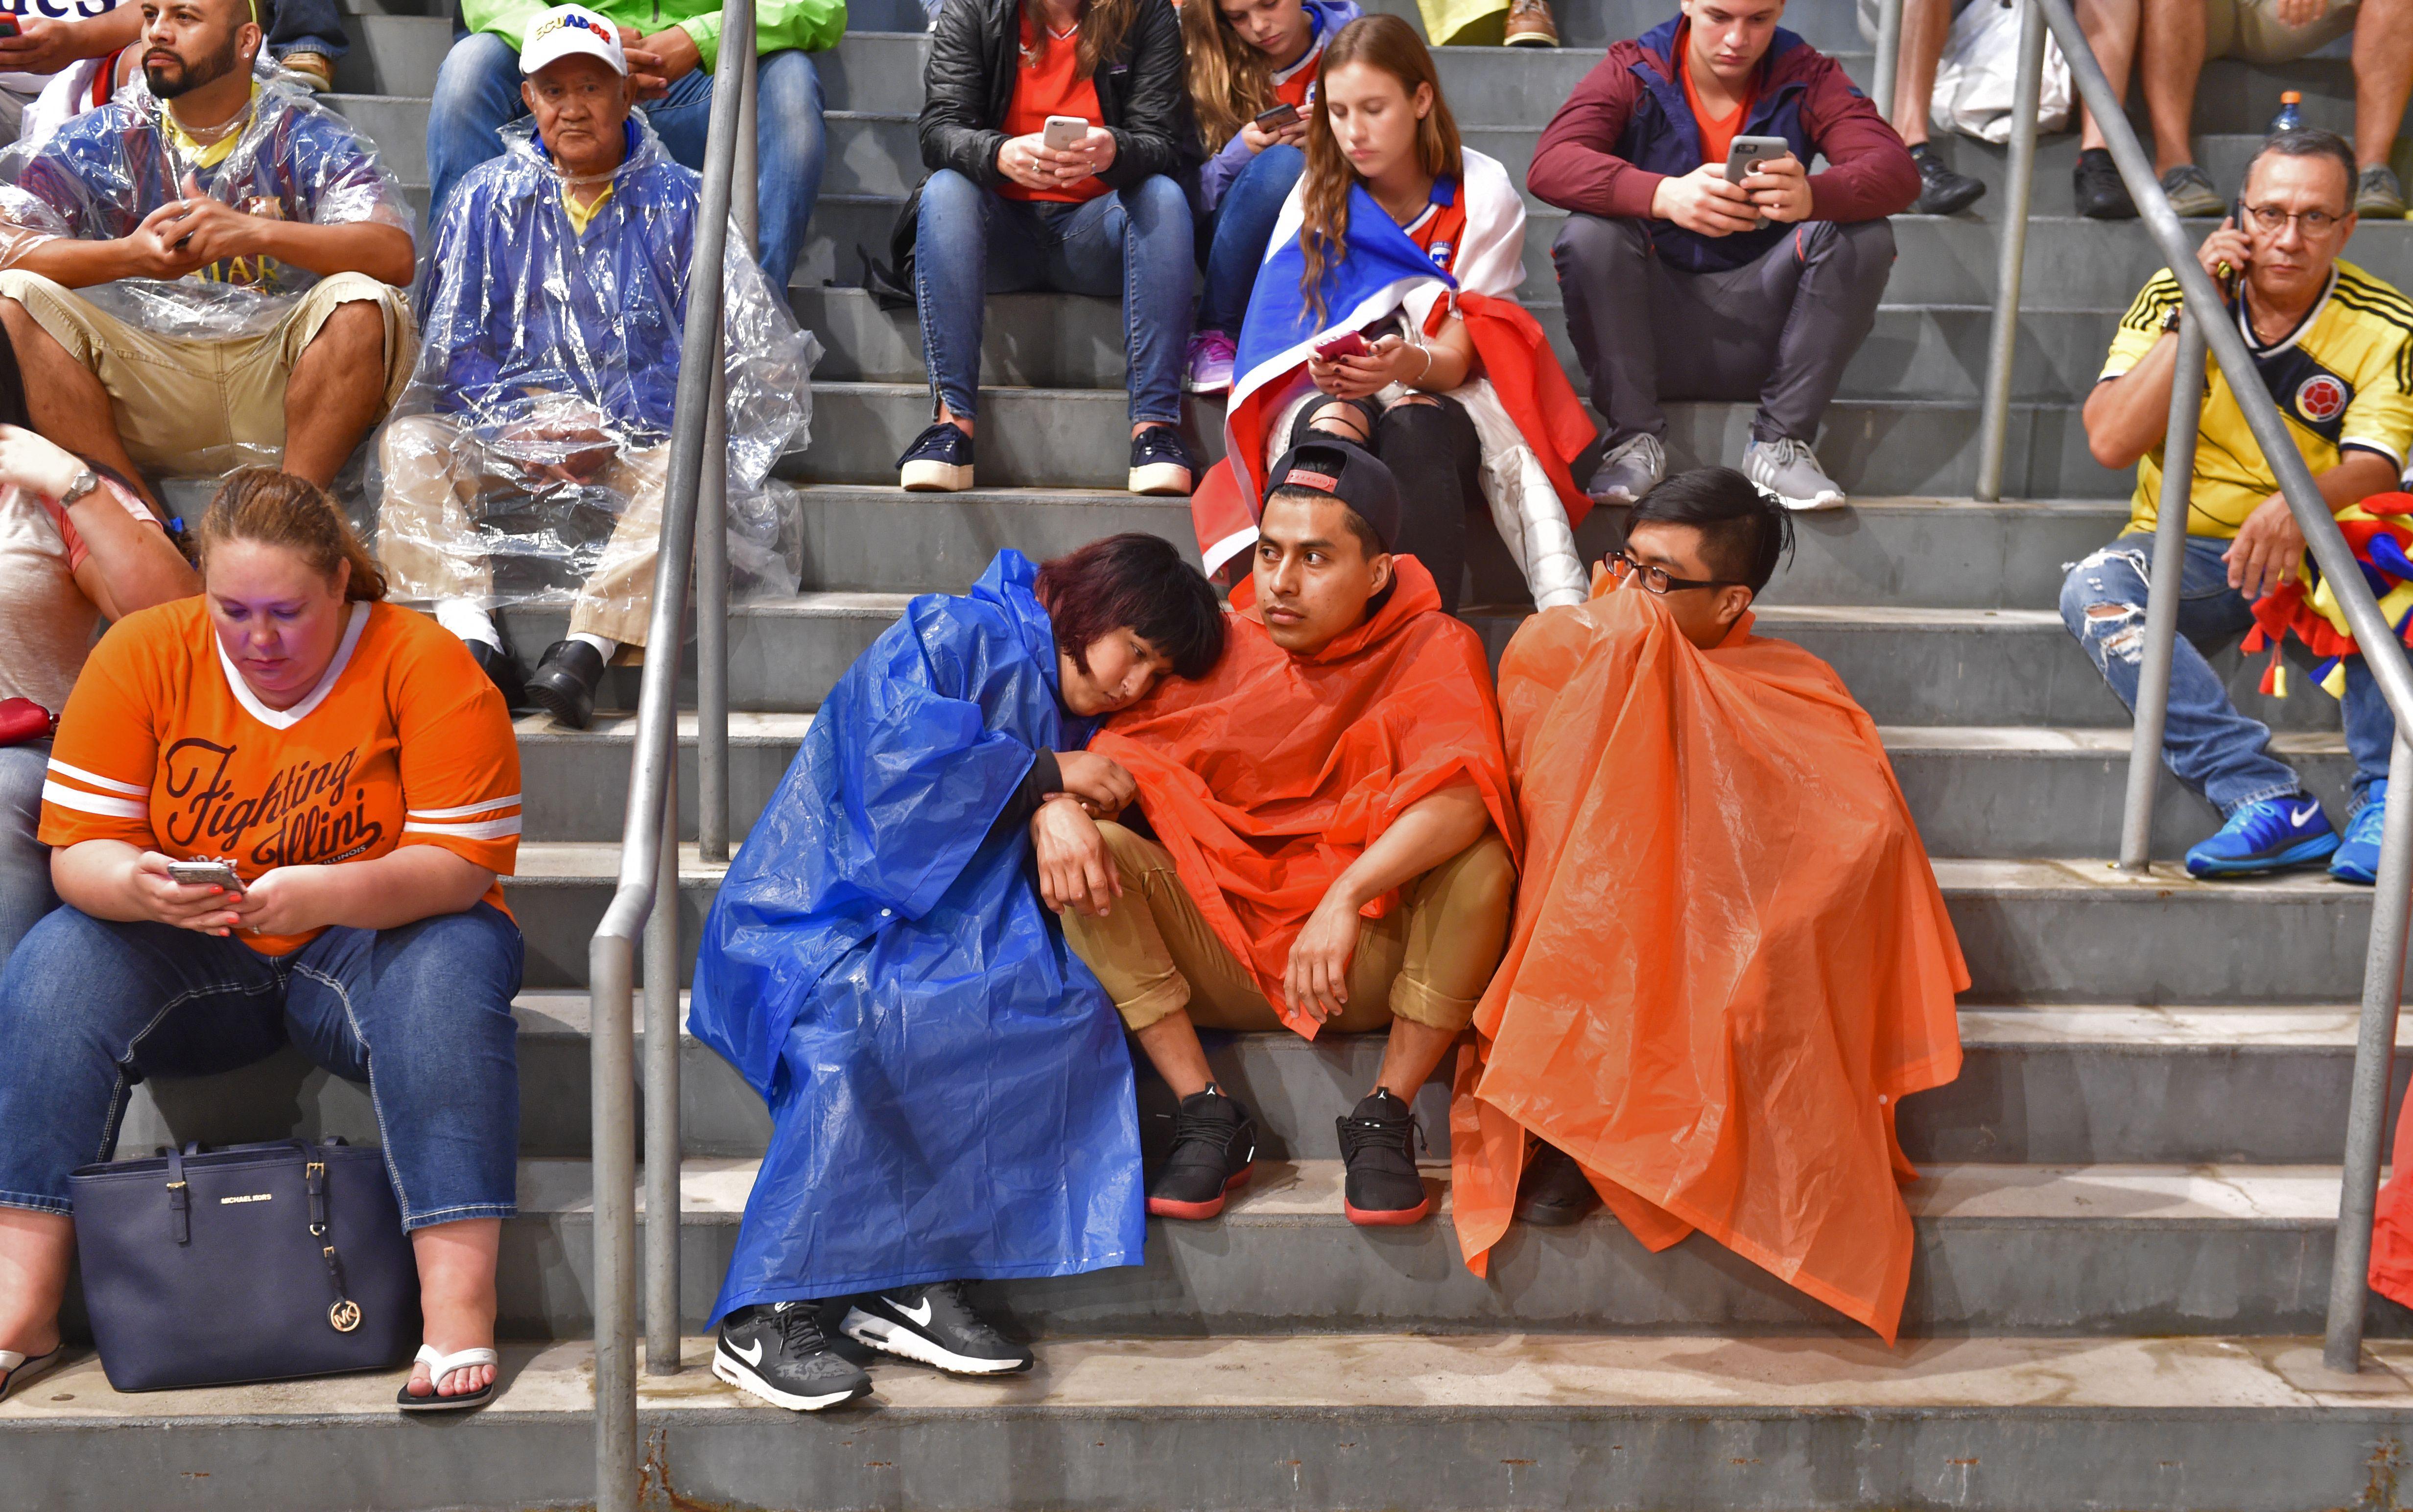 Posponen por varias horas el partido de chile vs colombia - El tiempo getafe por horas ...